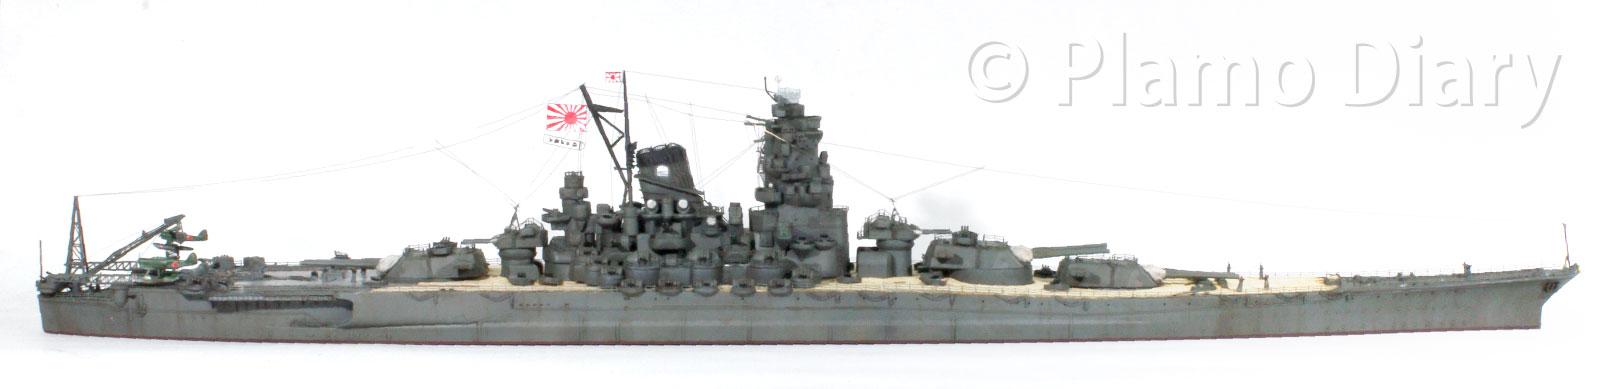 日本帝国海軍・超弩級戦艦大和 終焉時 1/700 フジミ